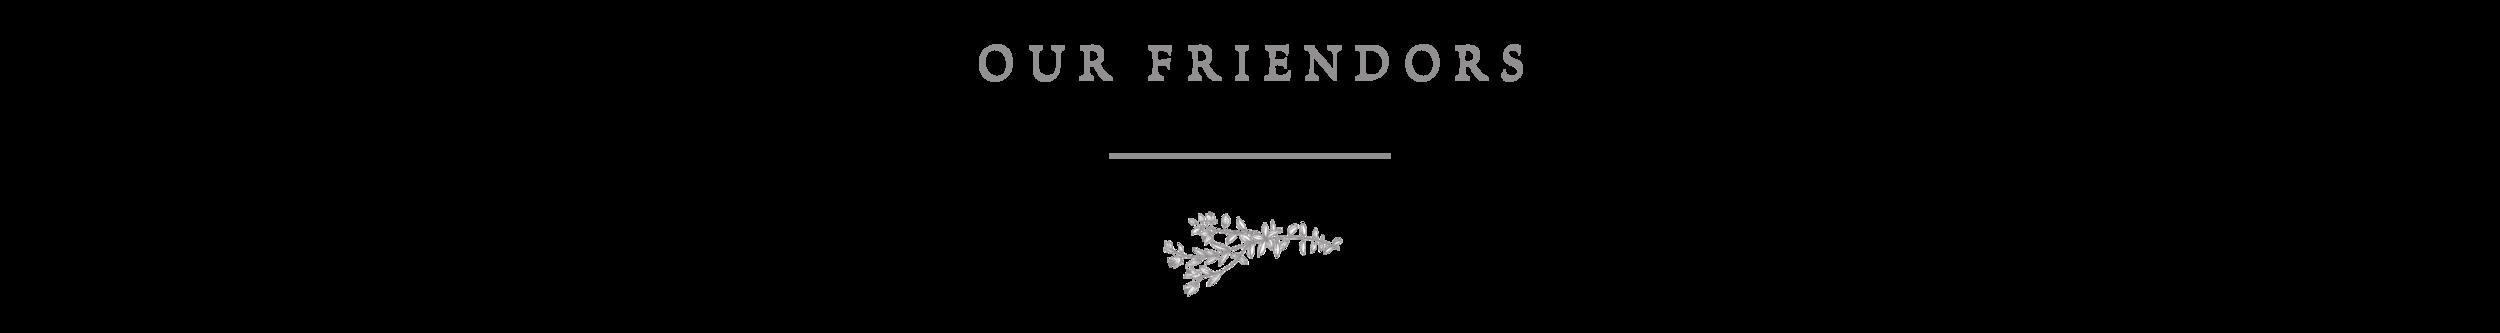 Friendors.png